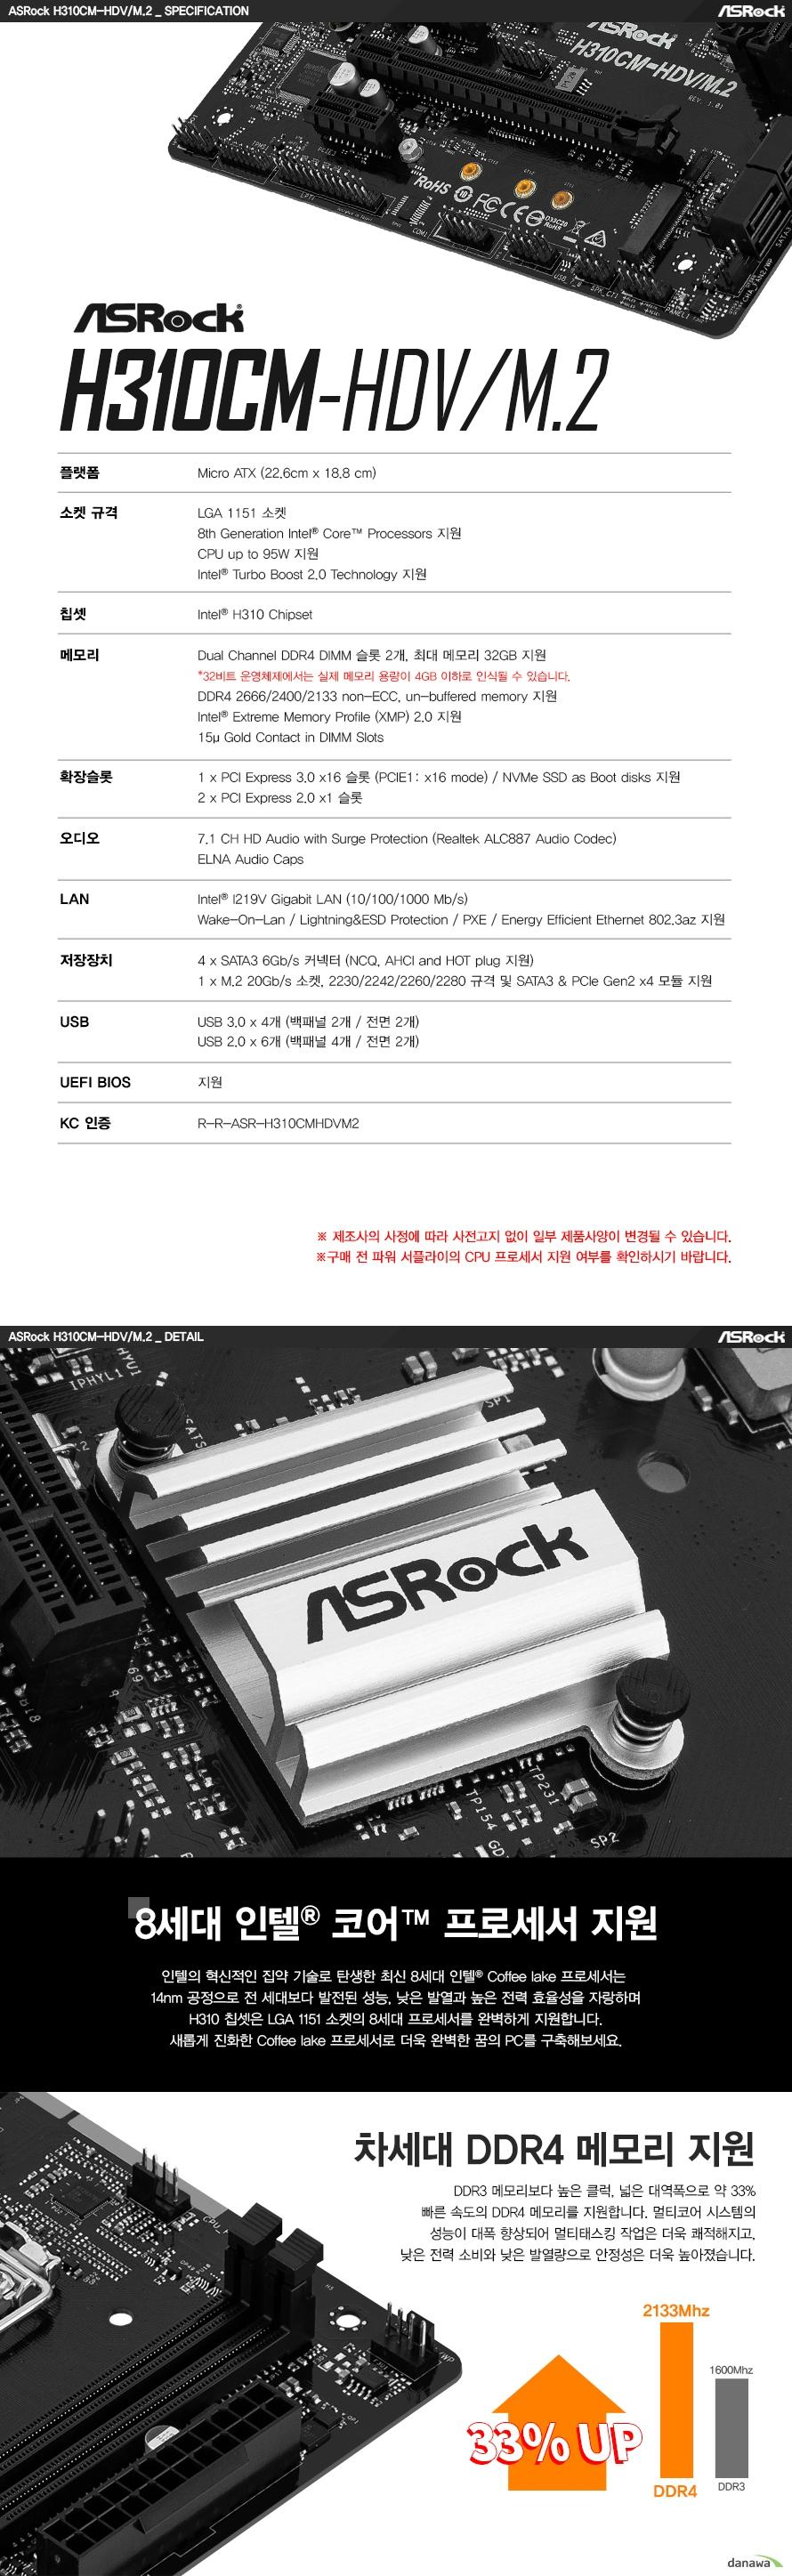 ASRock H310CM-HDV/M.2 에즈윈